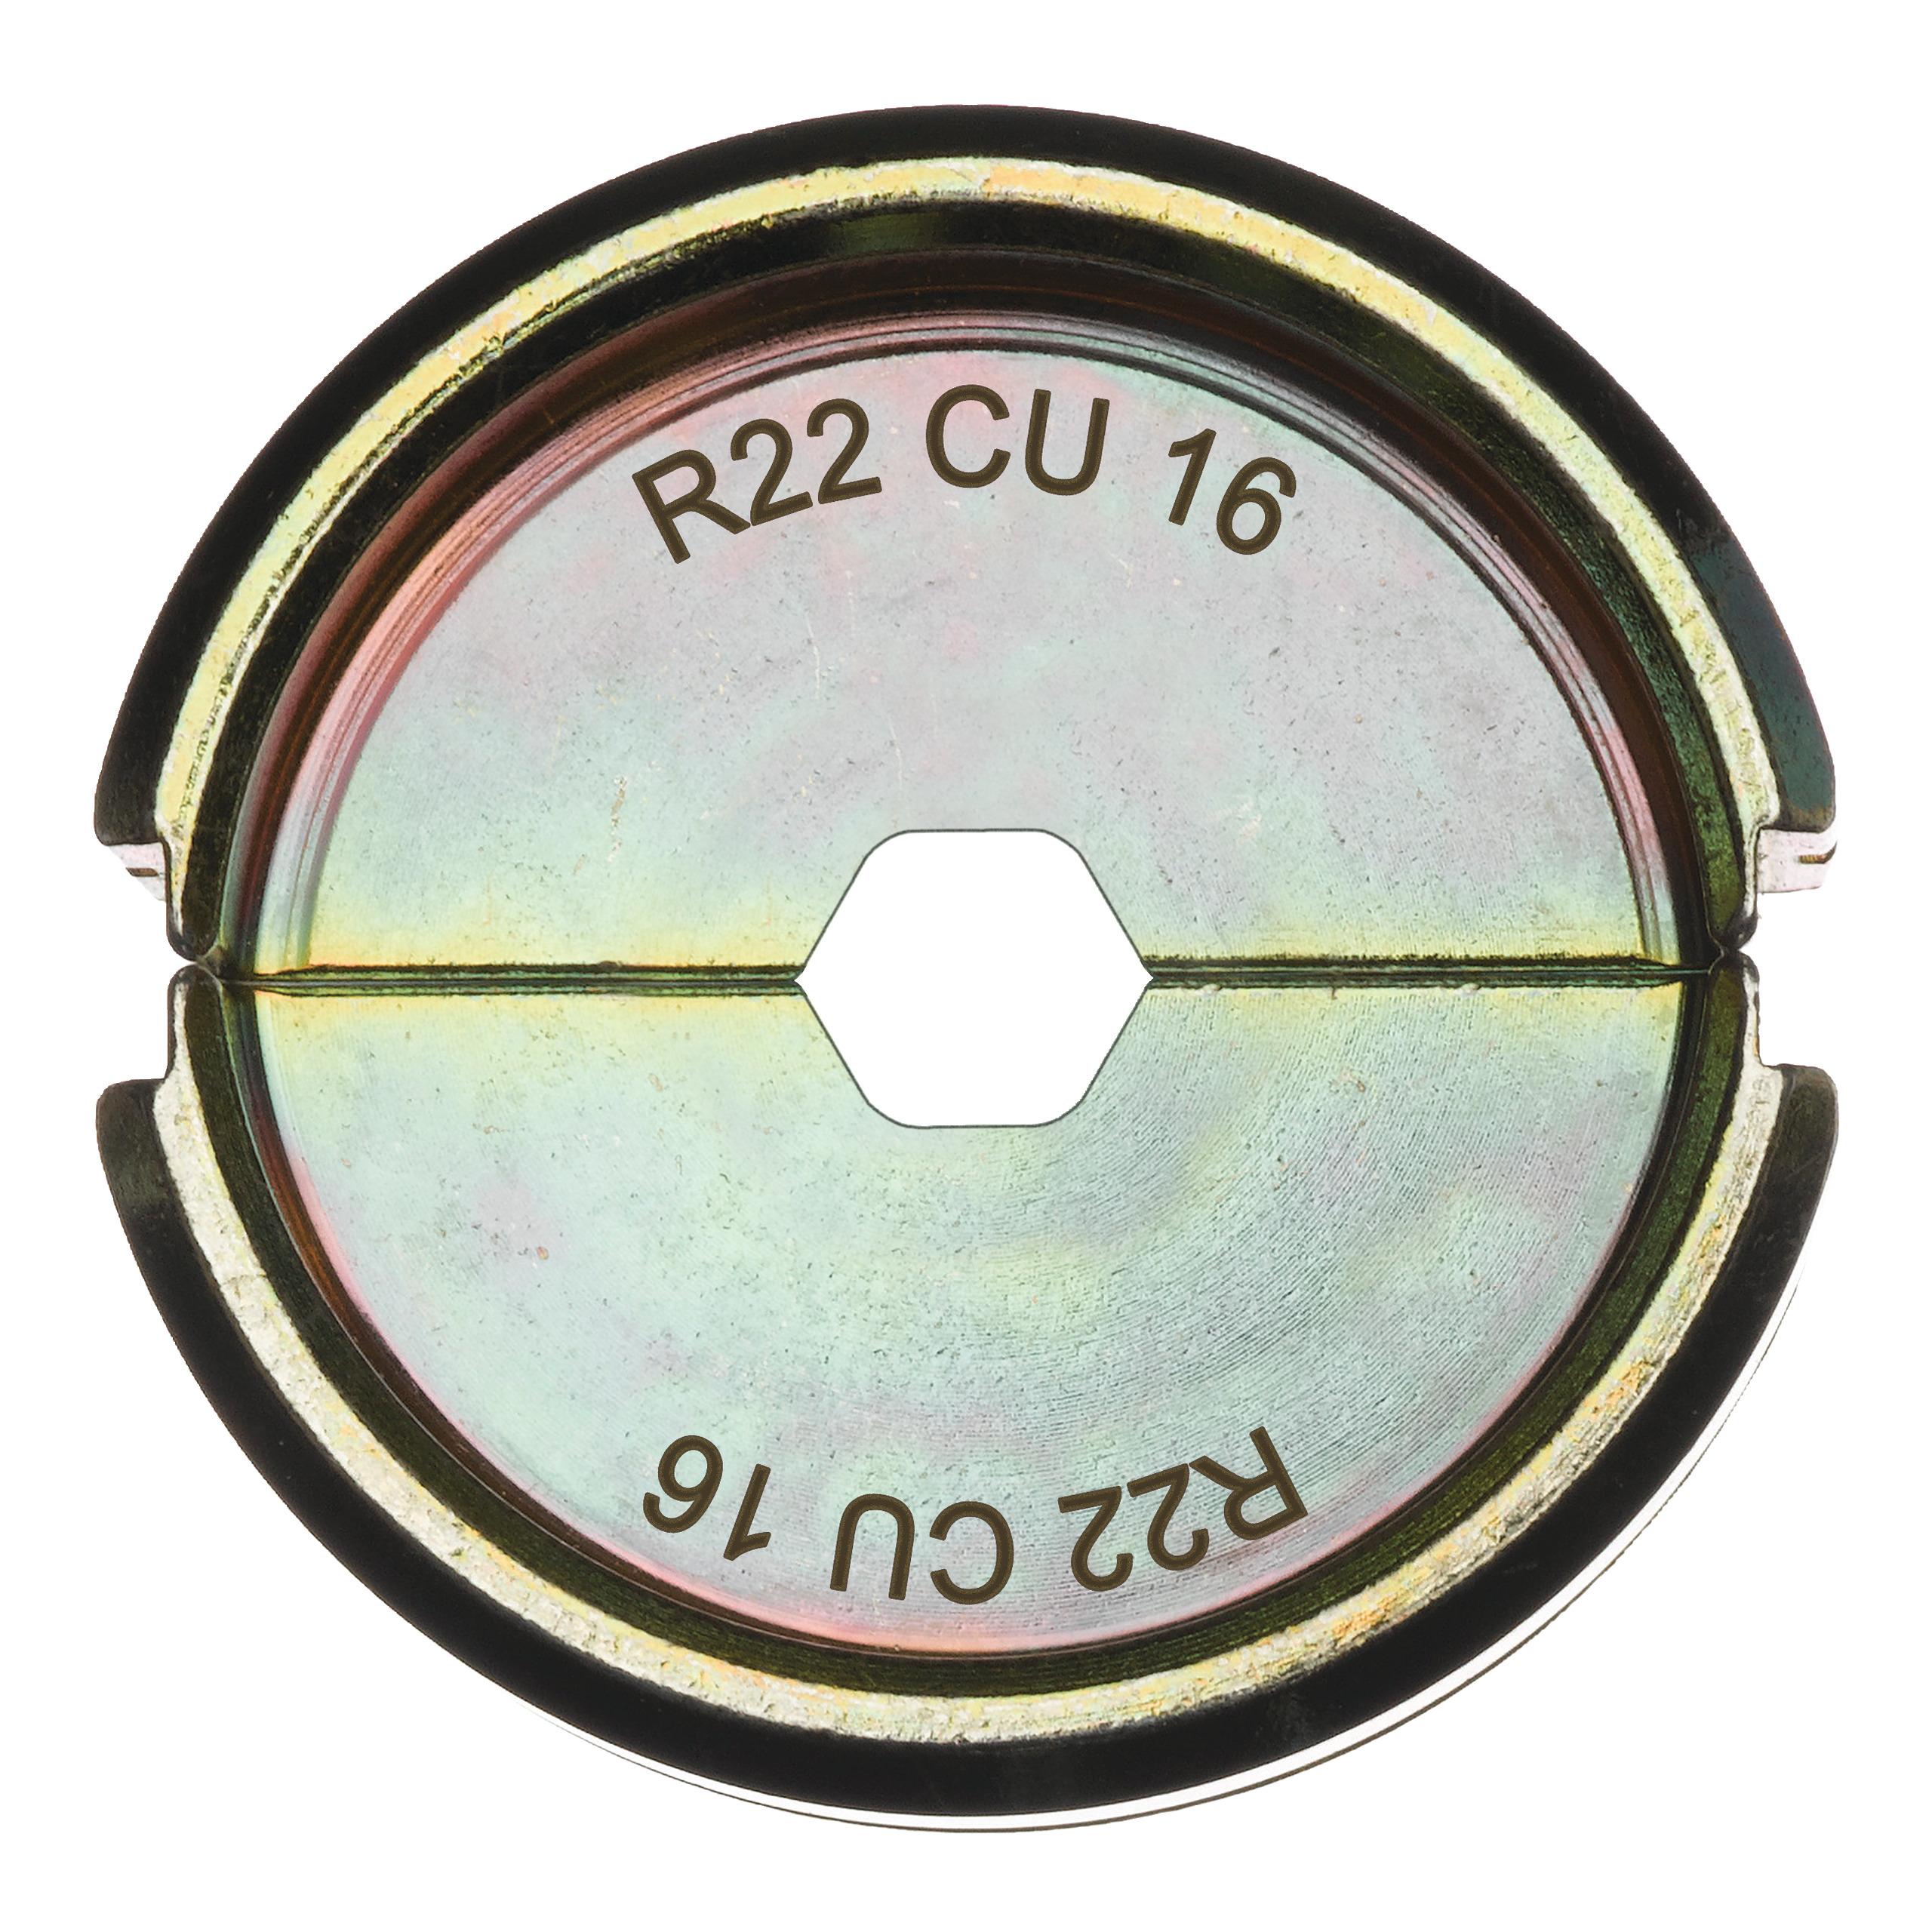 Krimpovací čelisti  R22 Cu 16